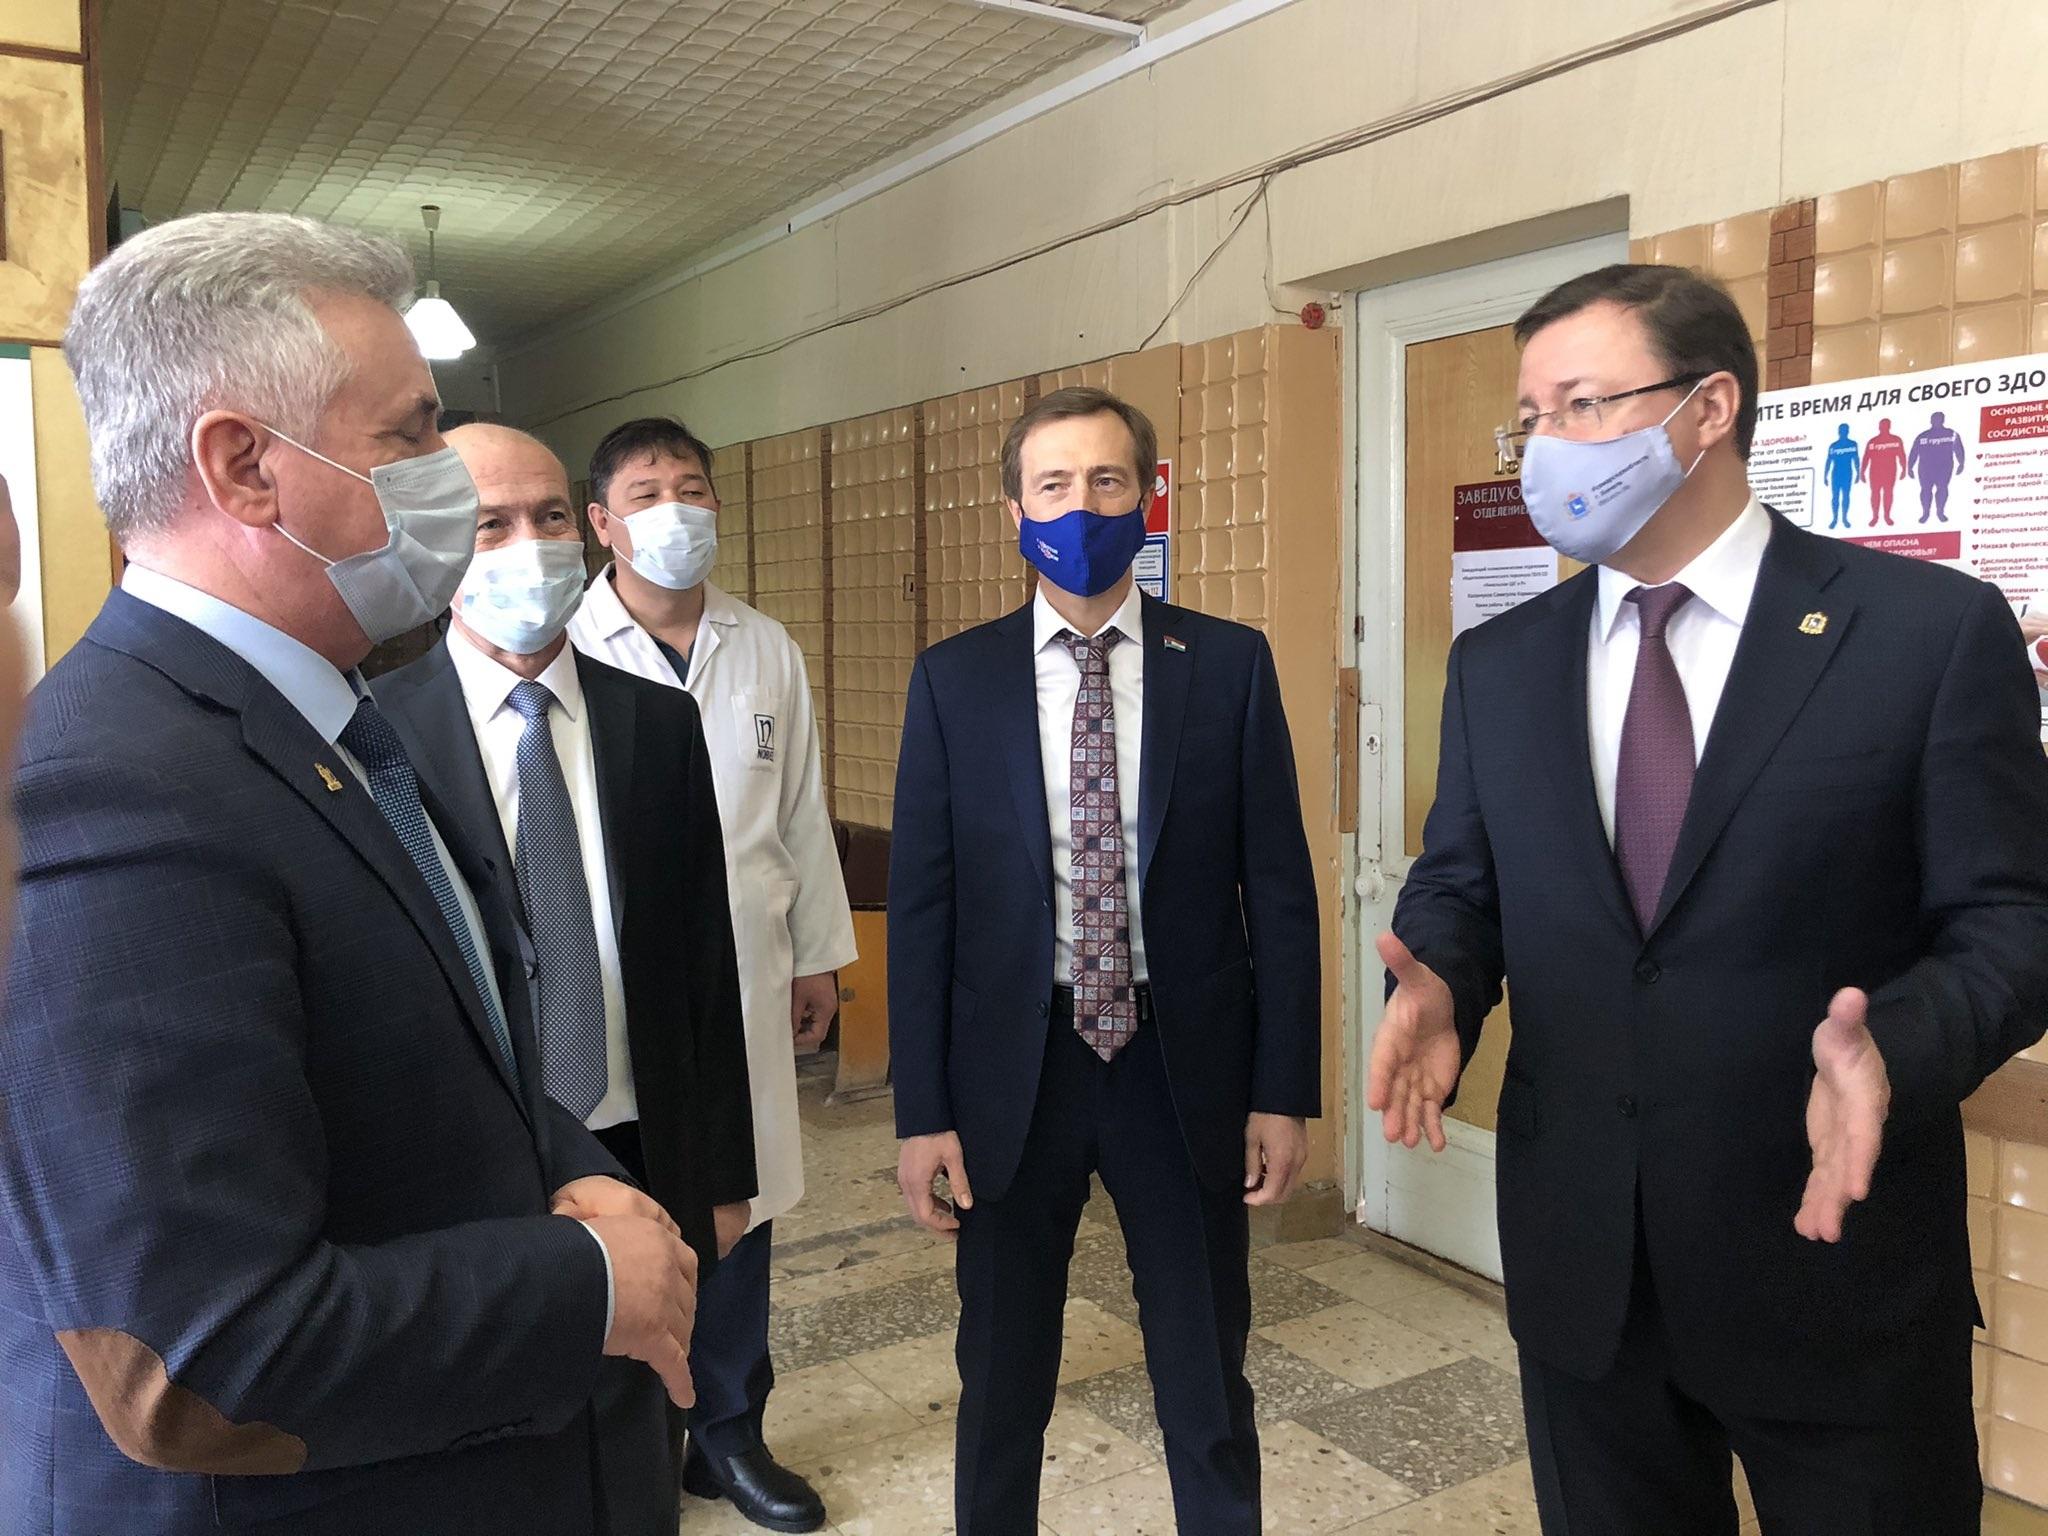 Дмитрий Азаров поручил провести ремонт Алексеевской поликлиники в этом году